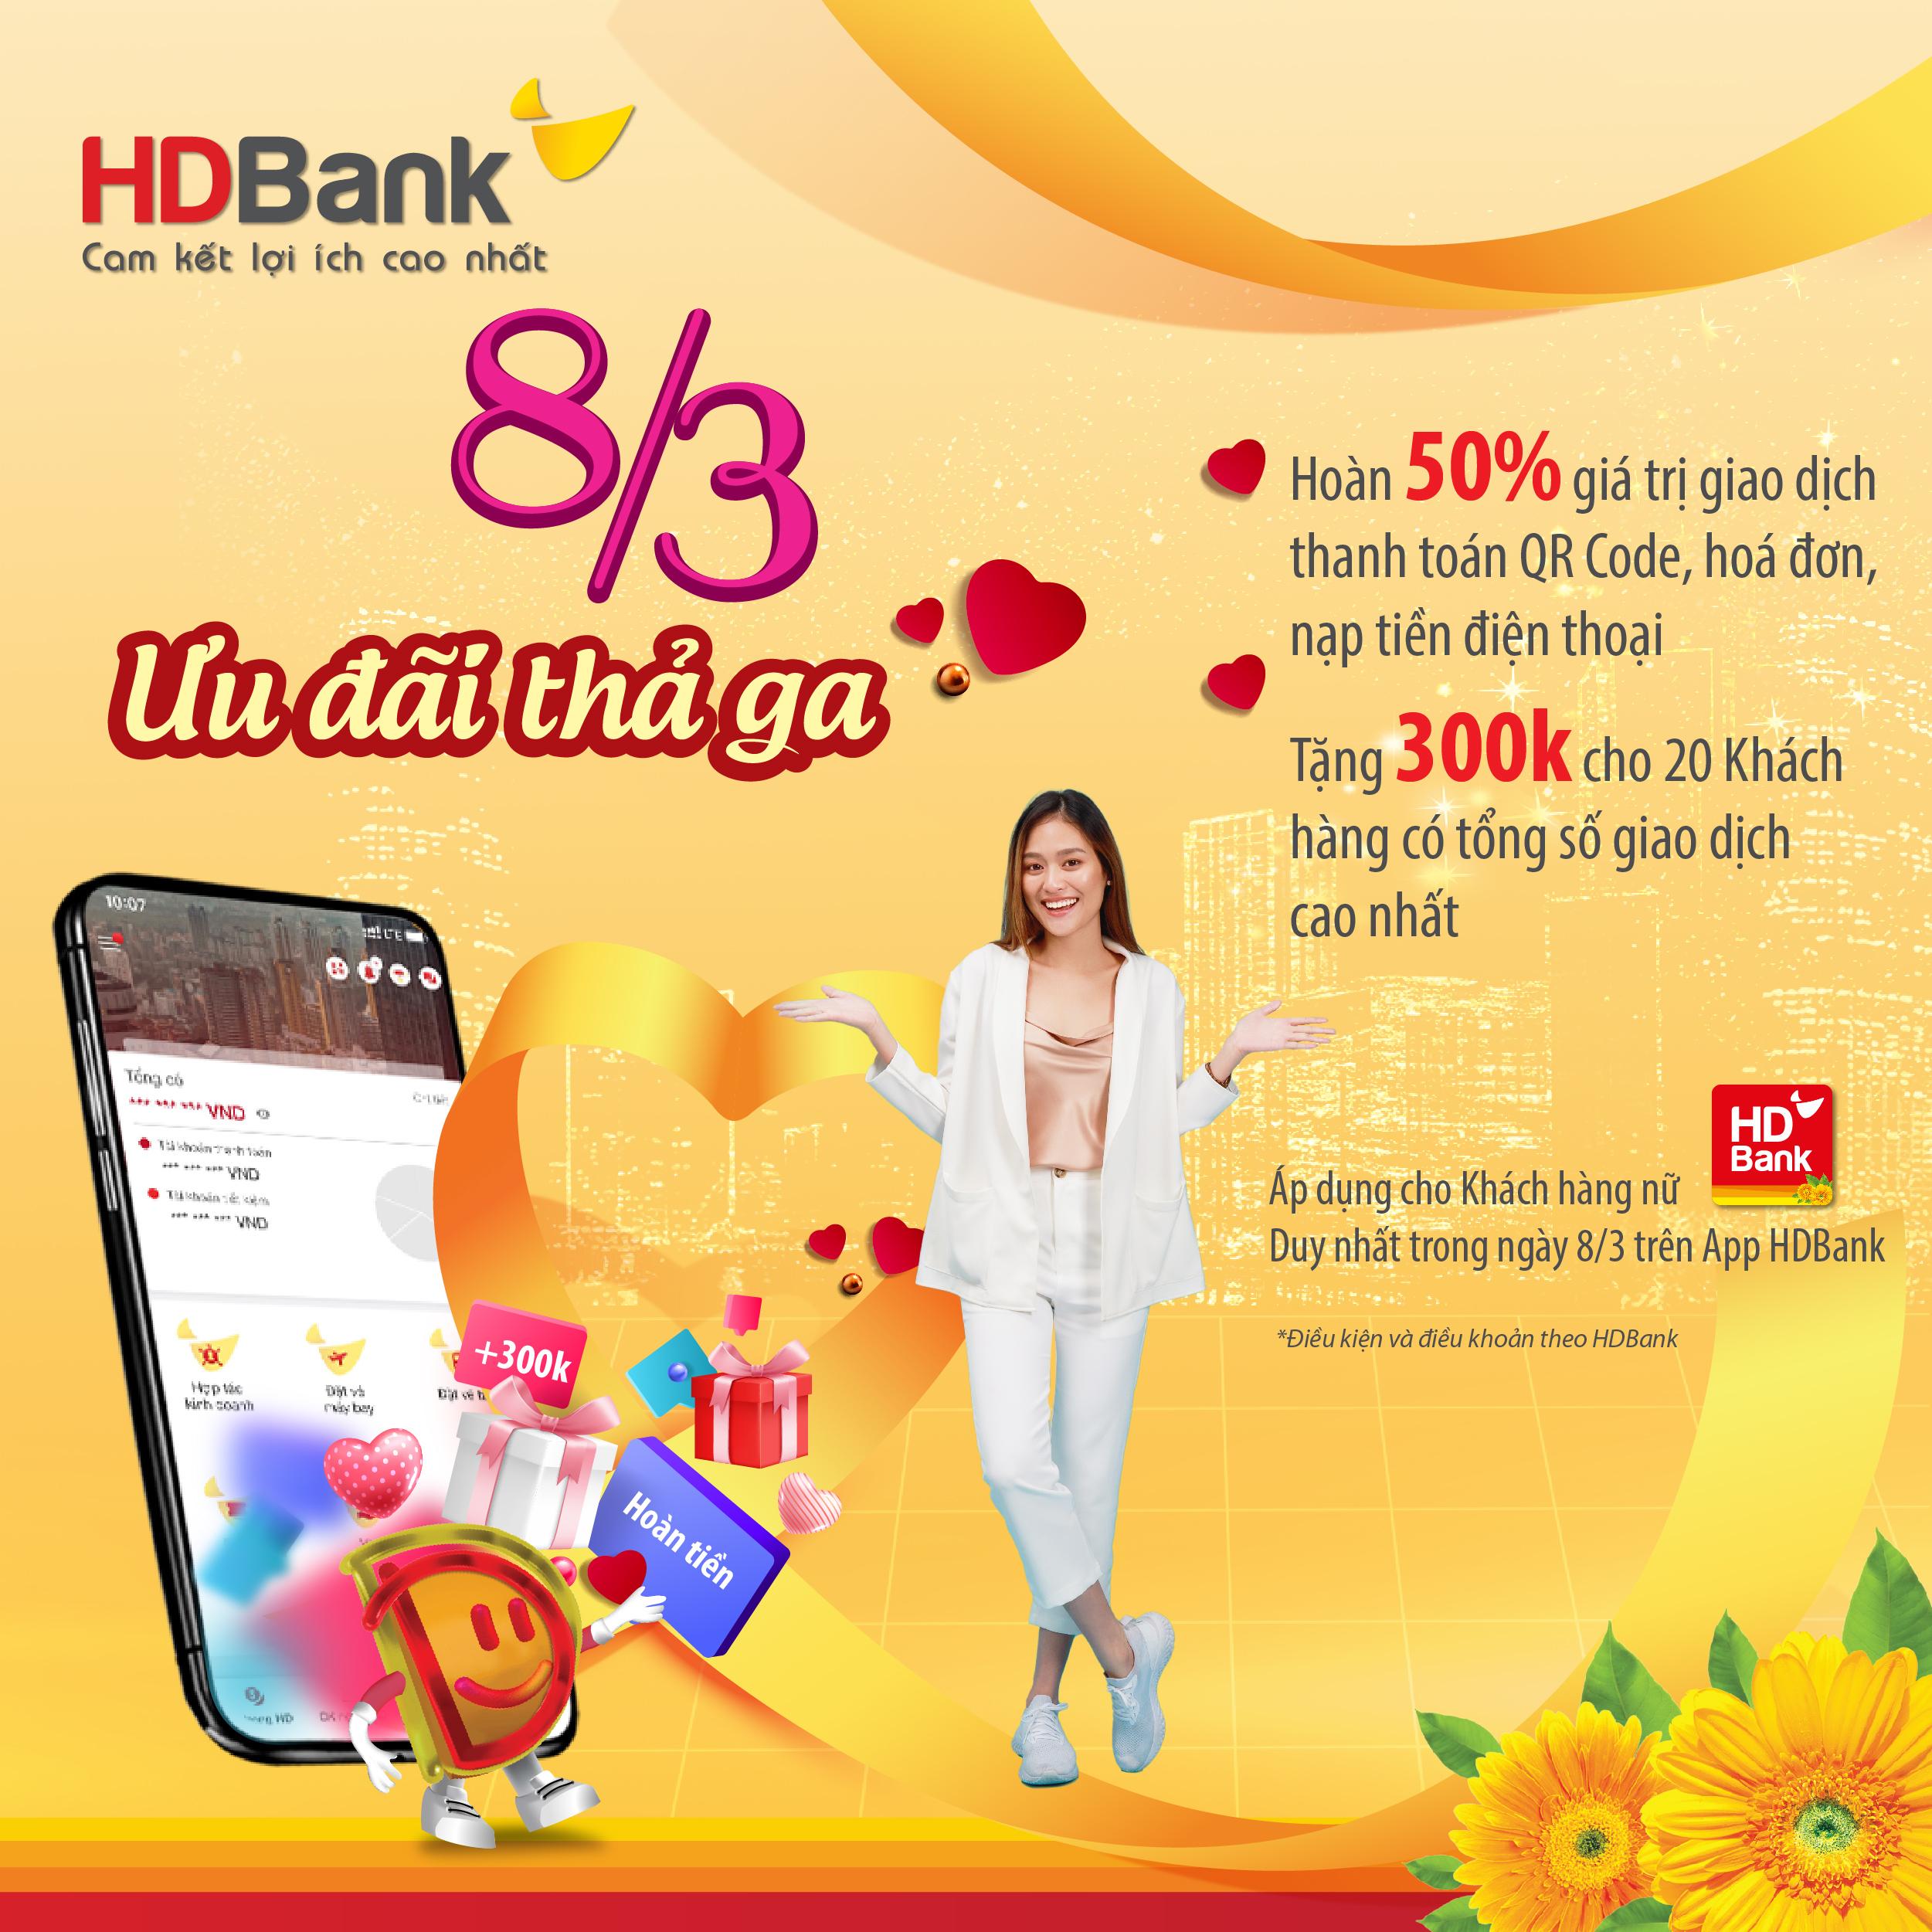 HDBank ưu đãi hàng loạt dịch vụ, quà tặng đến khách hàng dịp 8/3 - Ảnh 1